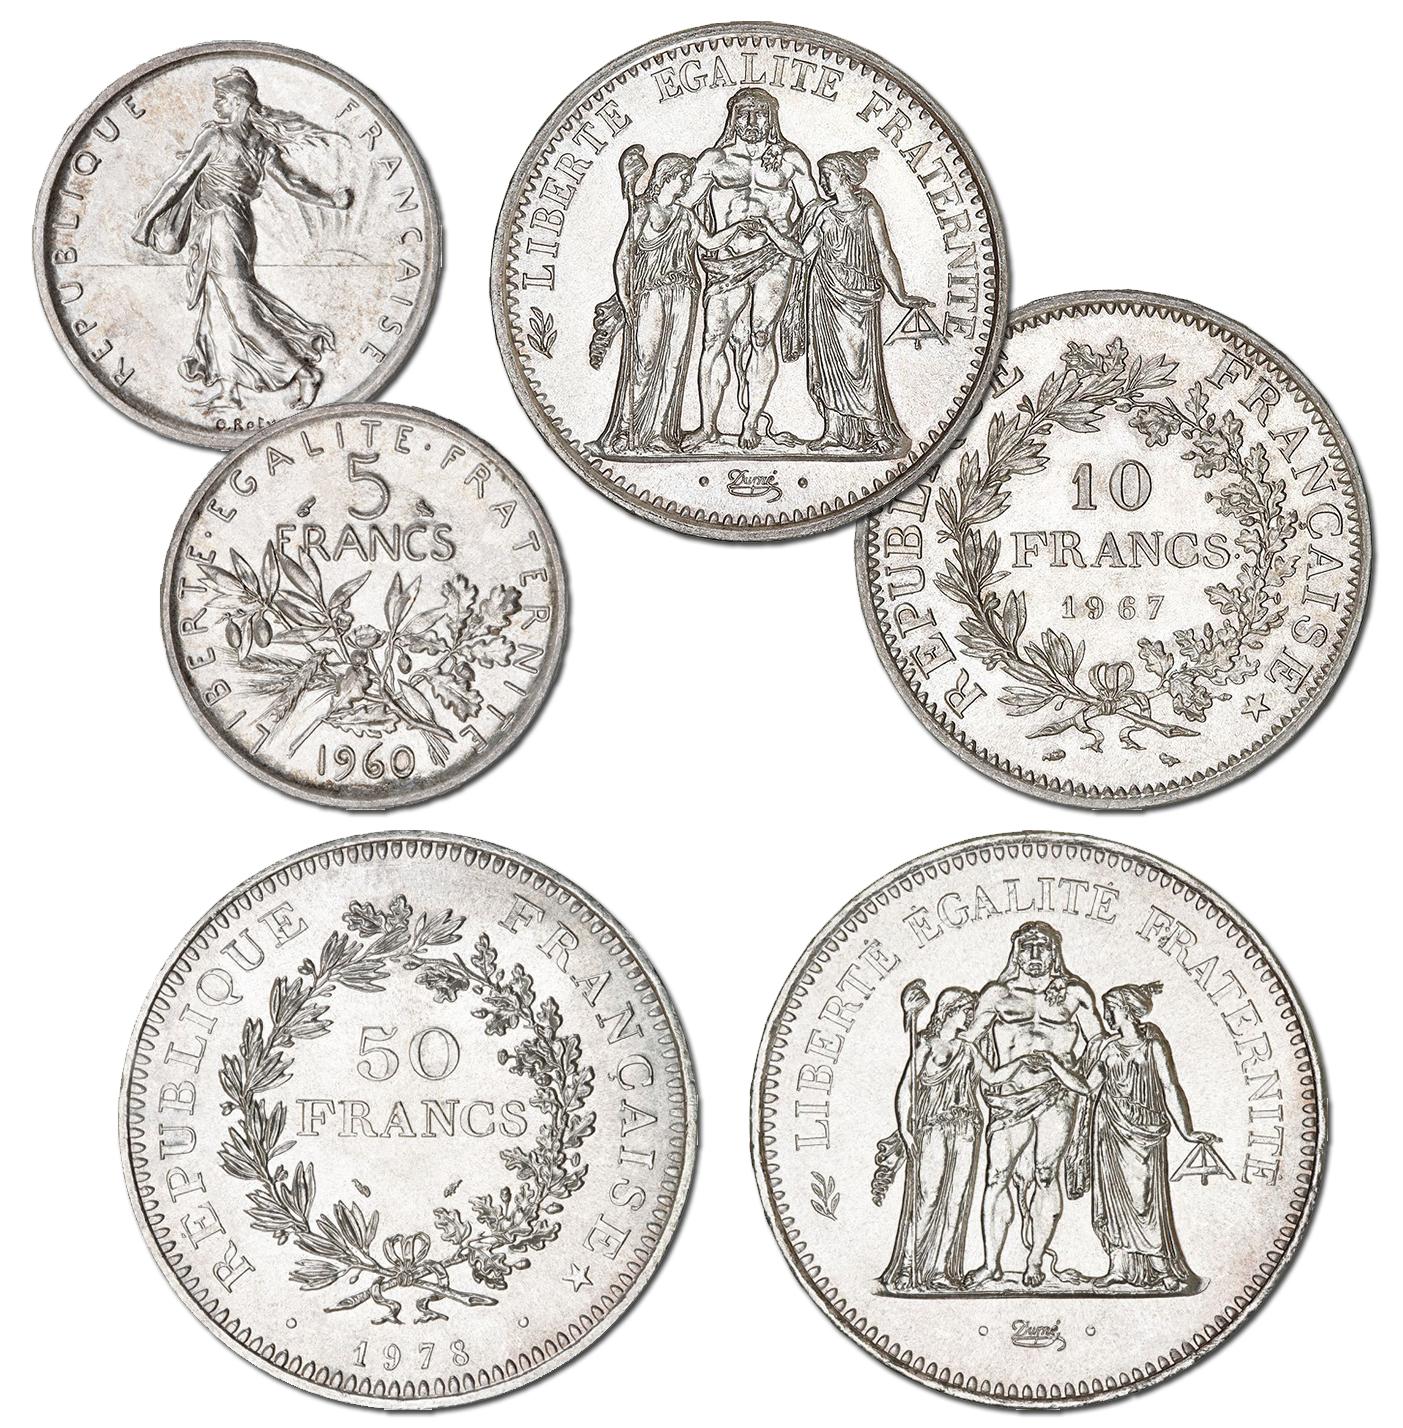 Photo des pièces d'argent de 5 francs Semeuse, 10 francs Hercule et 50 francs Hercule